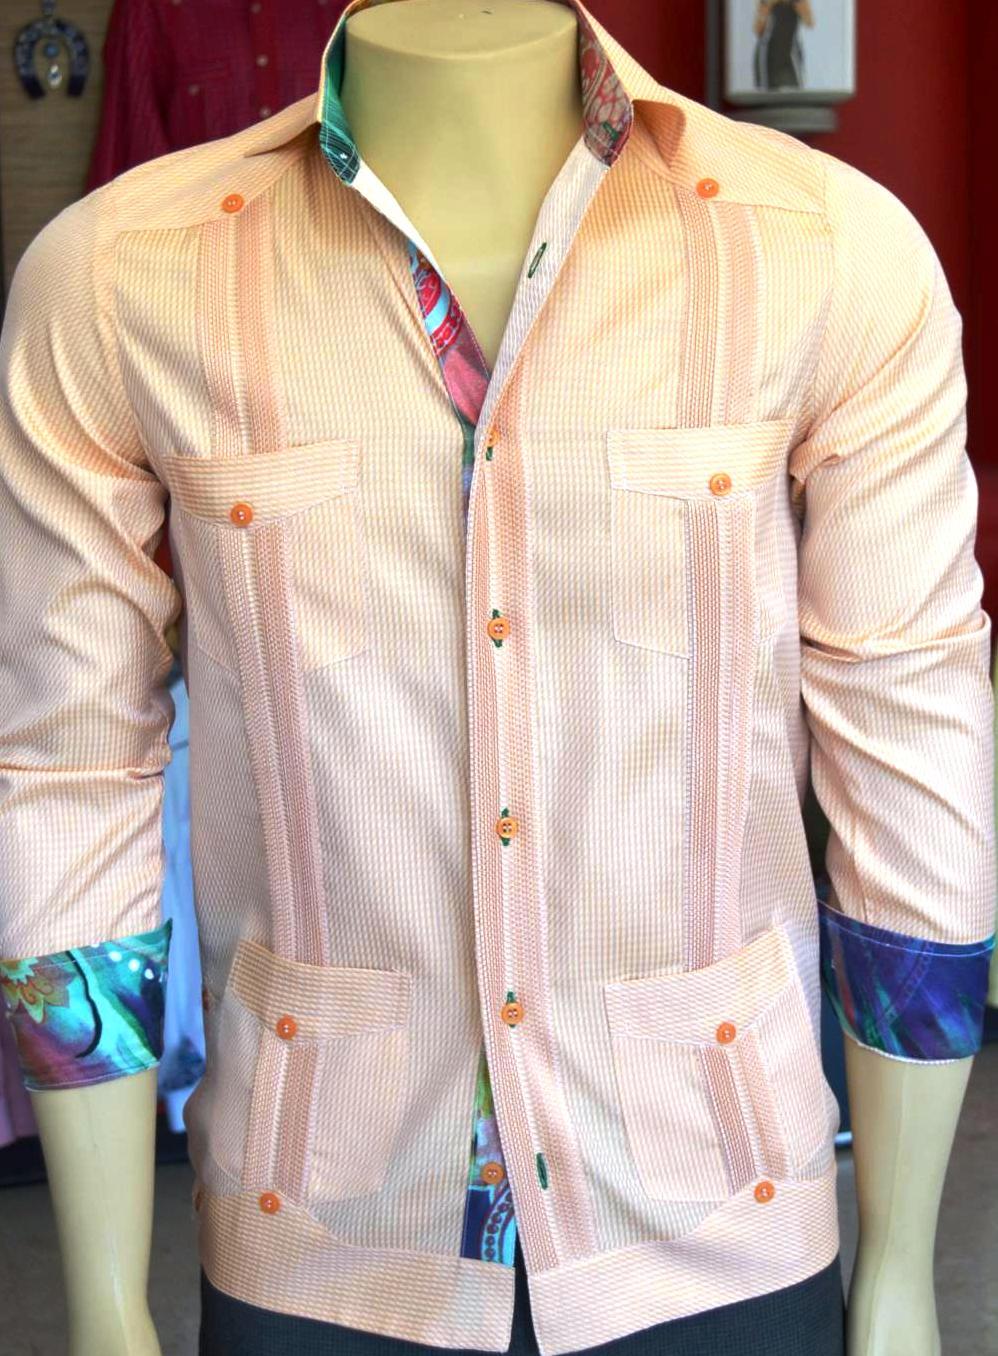 99e8376e Nuevas Tendencias Chacabanas y camisas Casuales y Elegantes